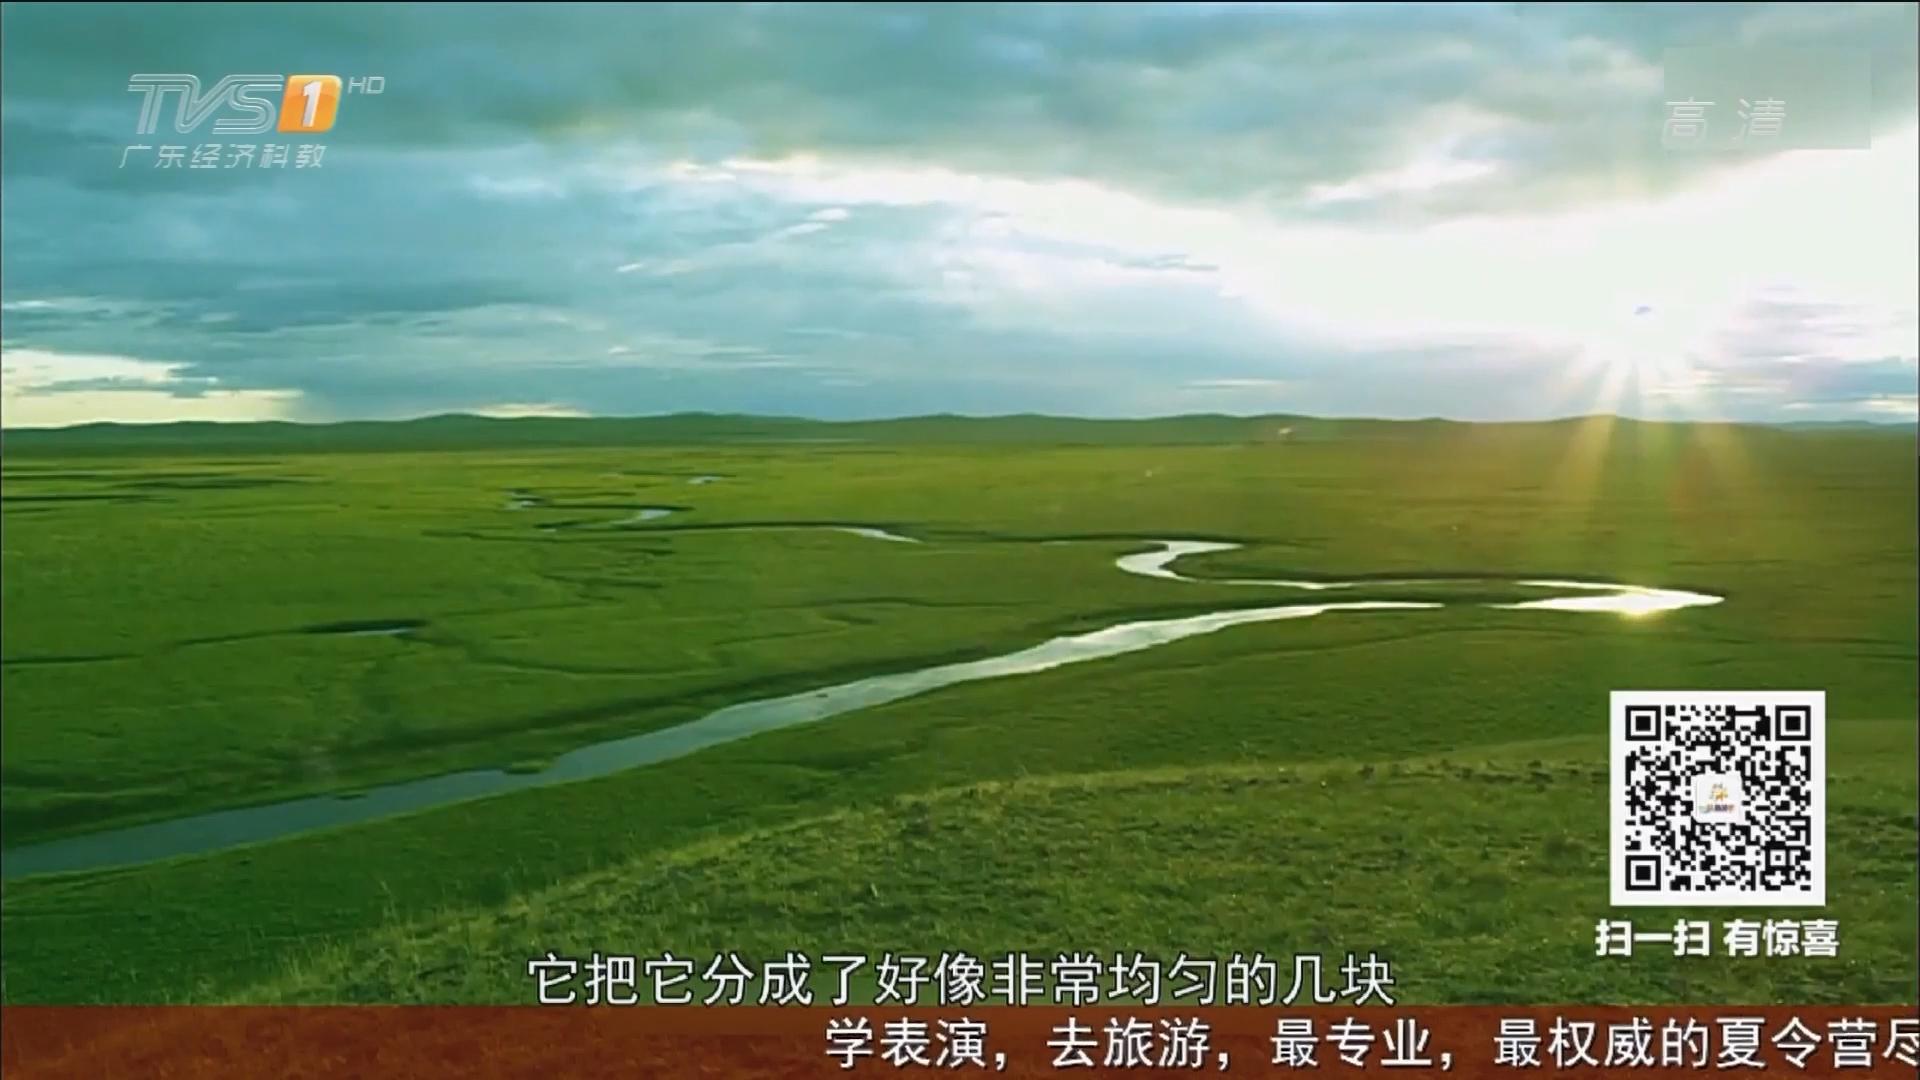 三十三号湿地——额尔古纳河